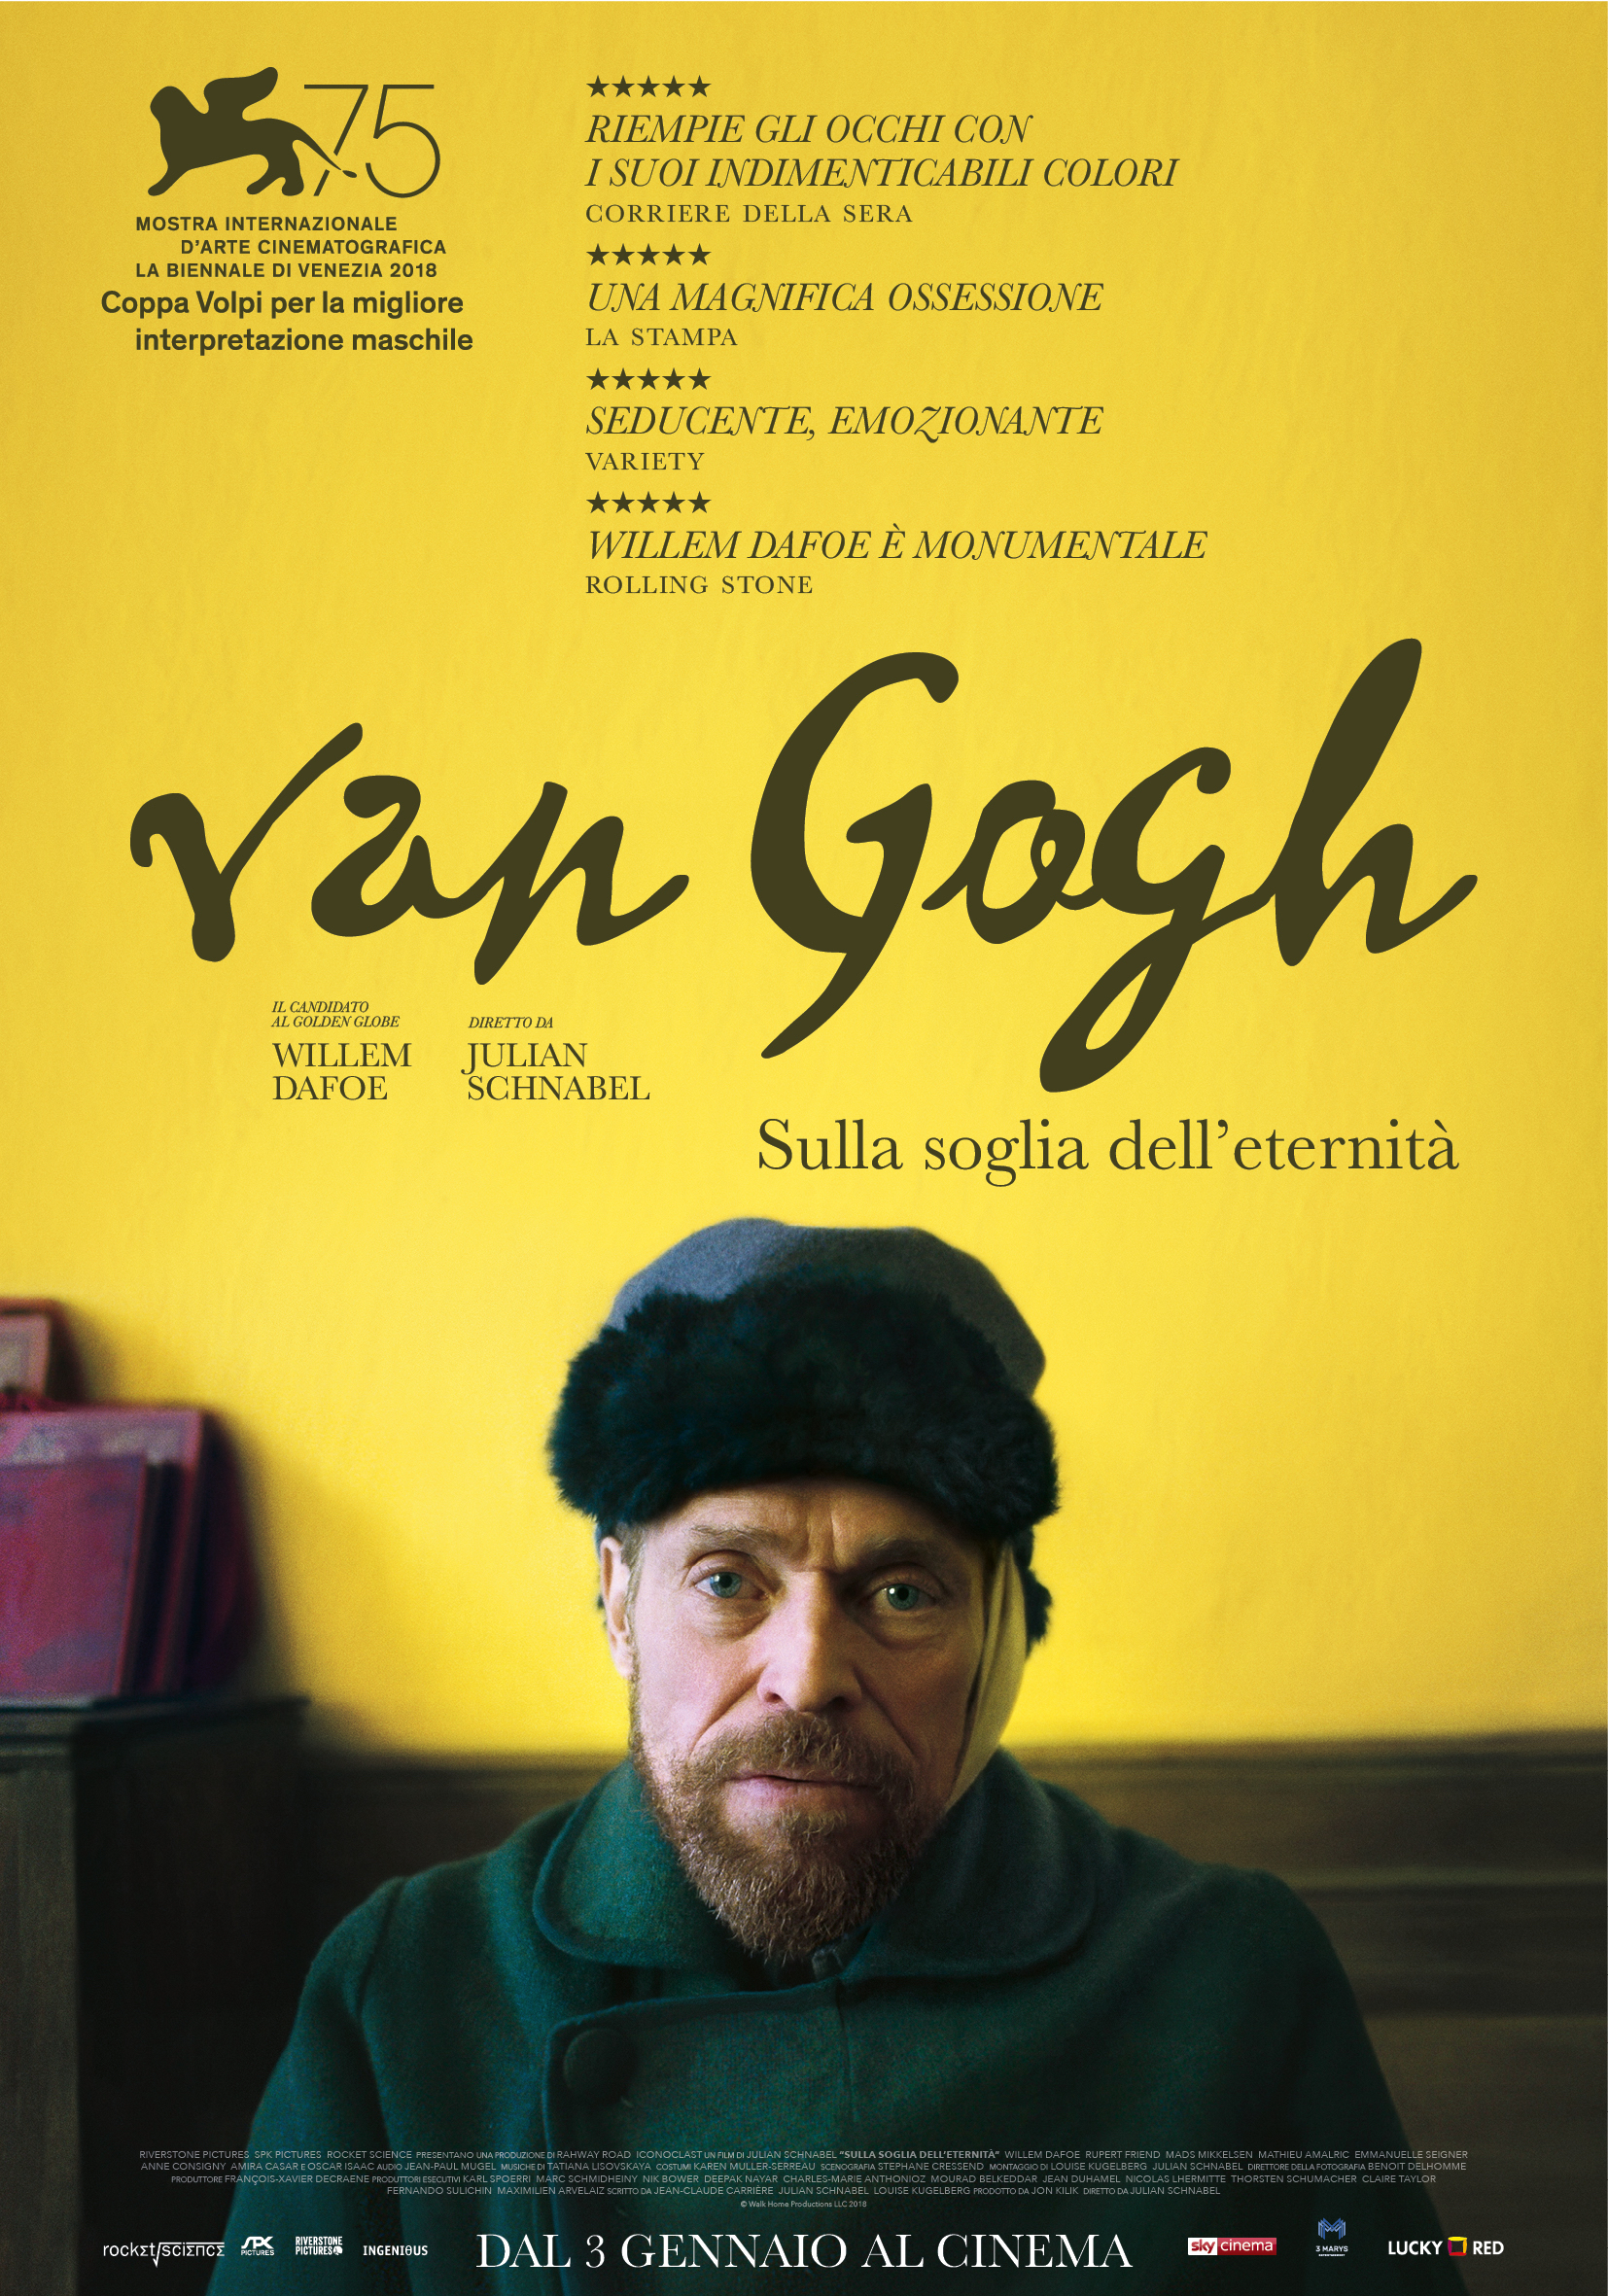 Van Gogh - Sulla soglia dell'eternità cinematown.it